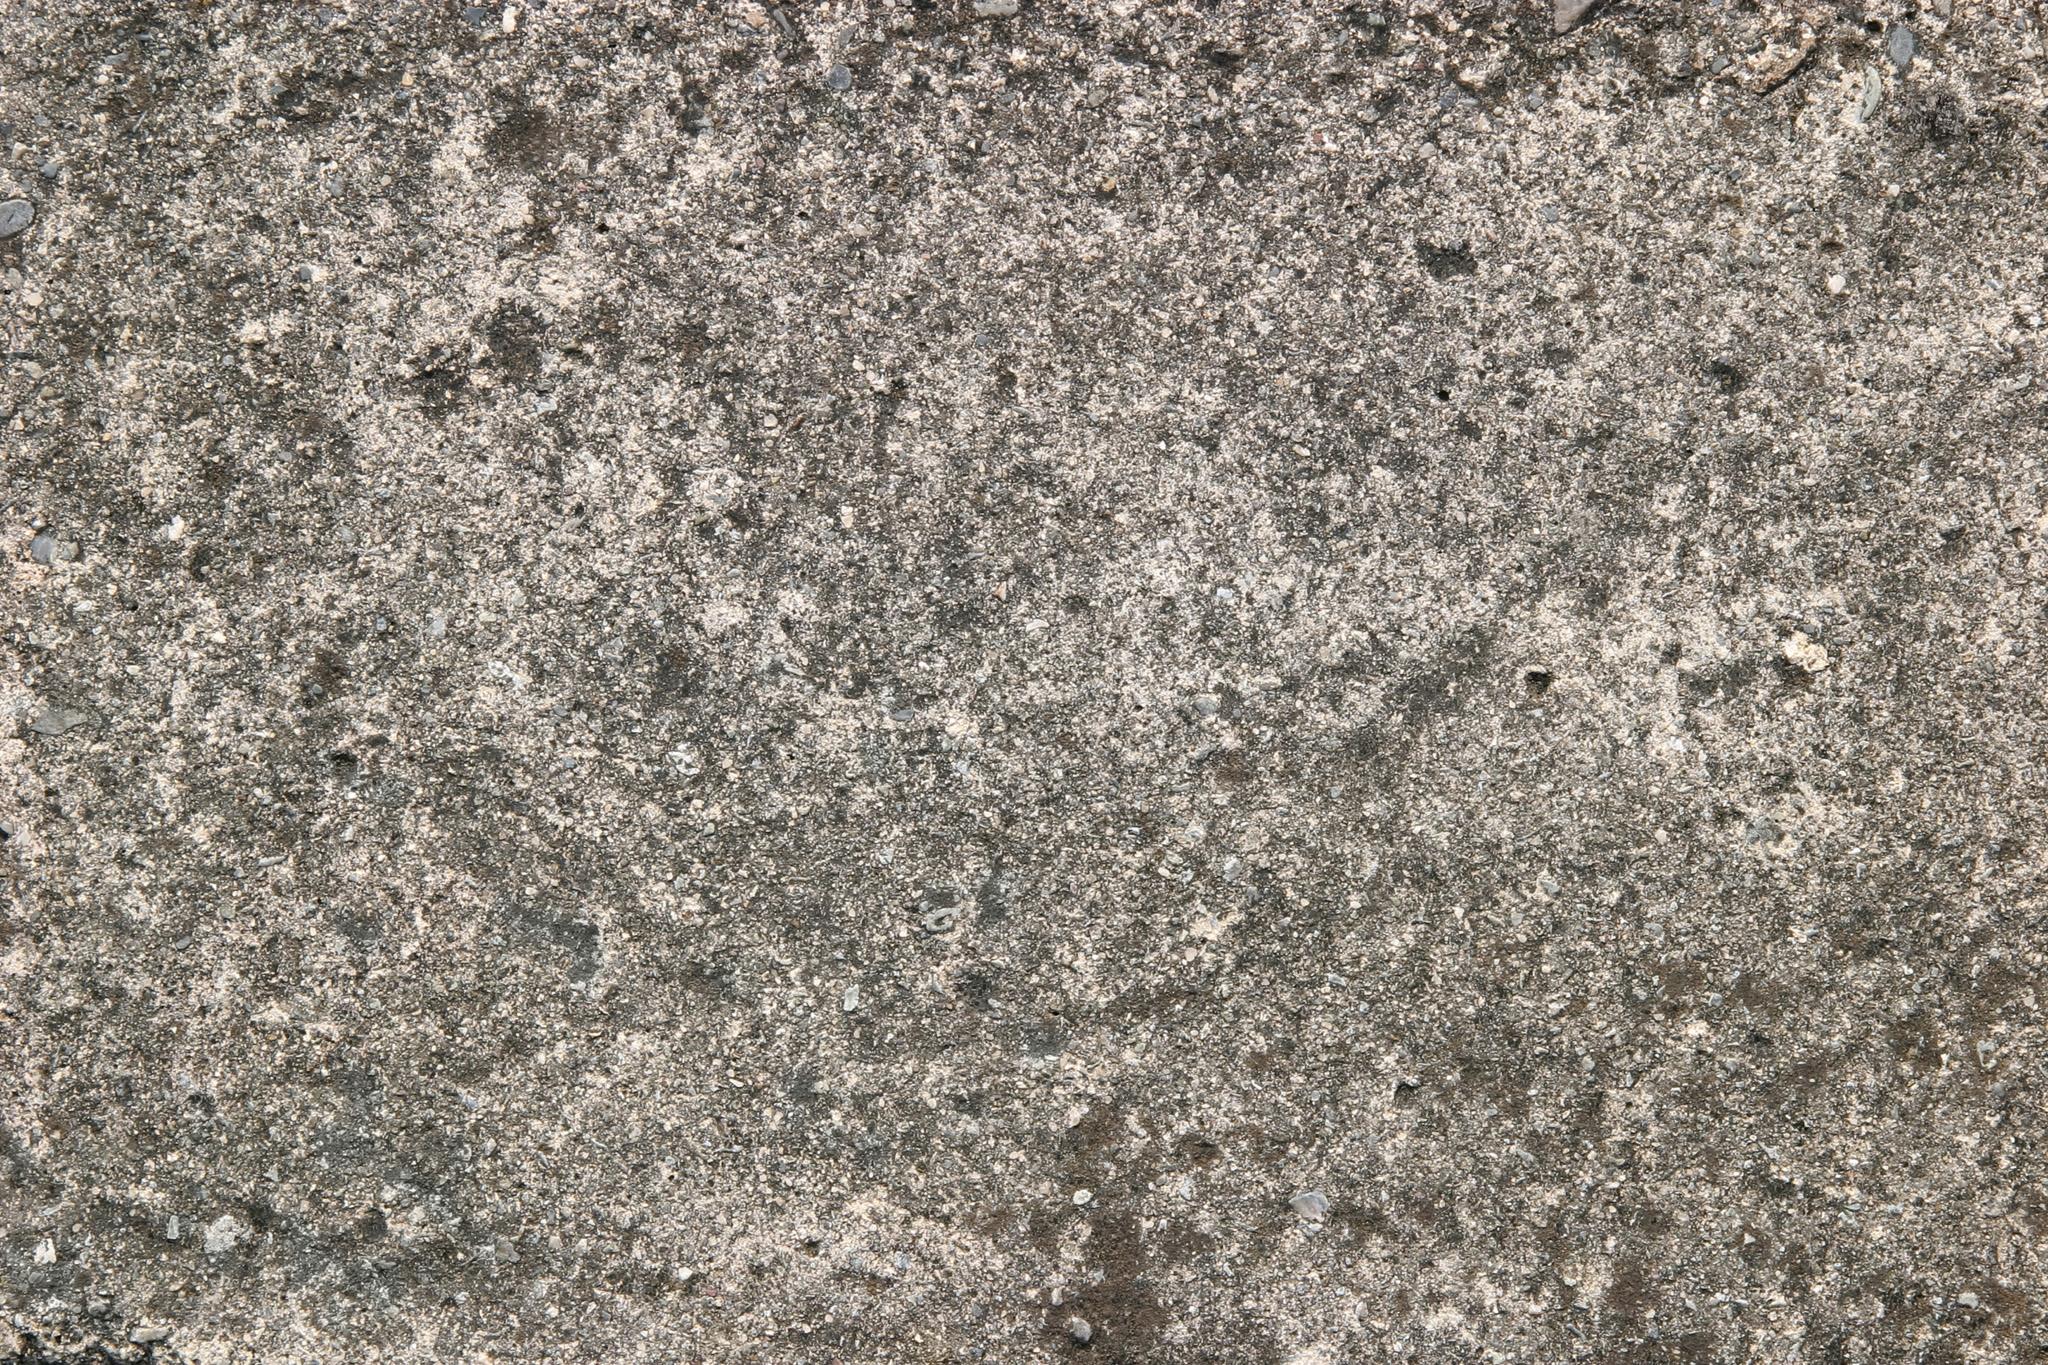 ザラザラとした灰色の石のテクスチャ画像